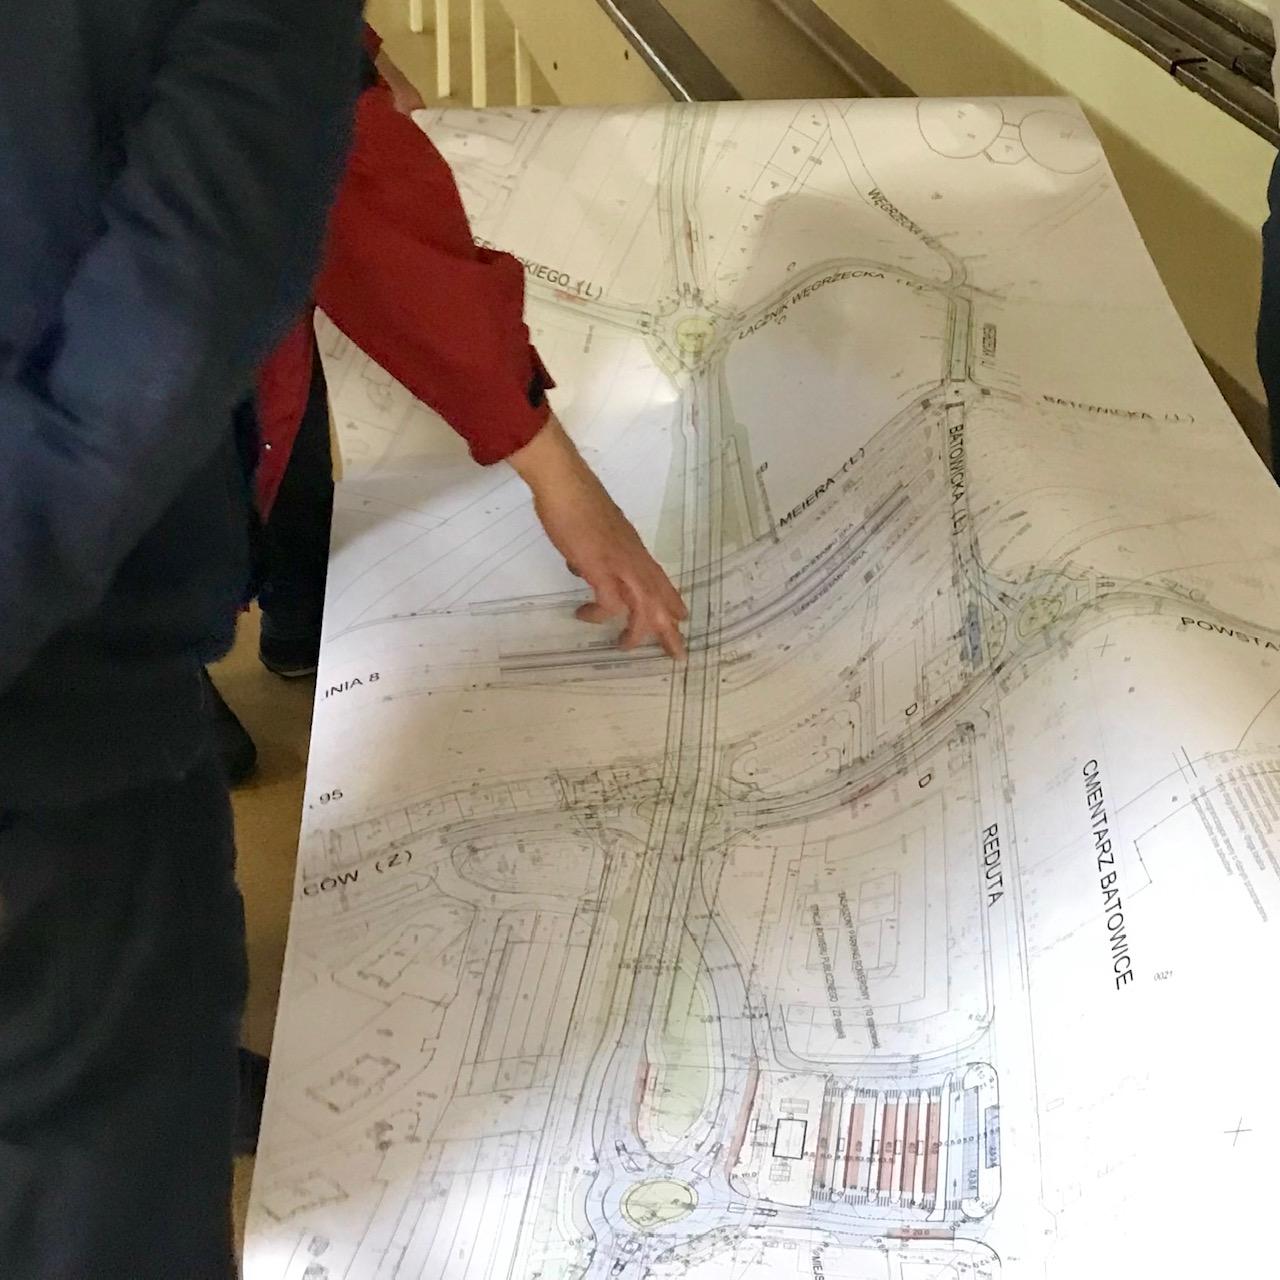 Konsultacje – budowa ulicy Iwaszki w Krakowie. Odpowiedzi na pytania